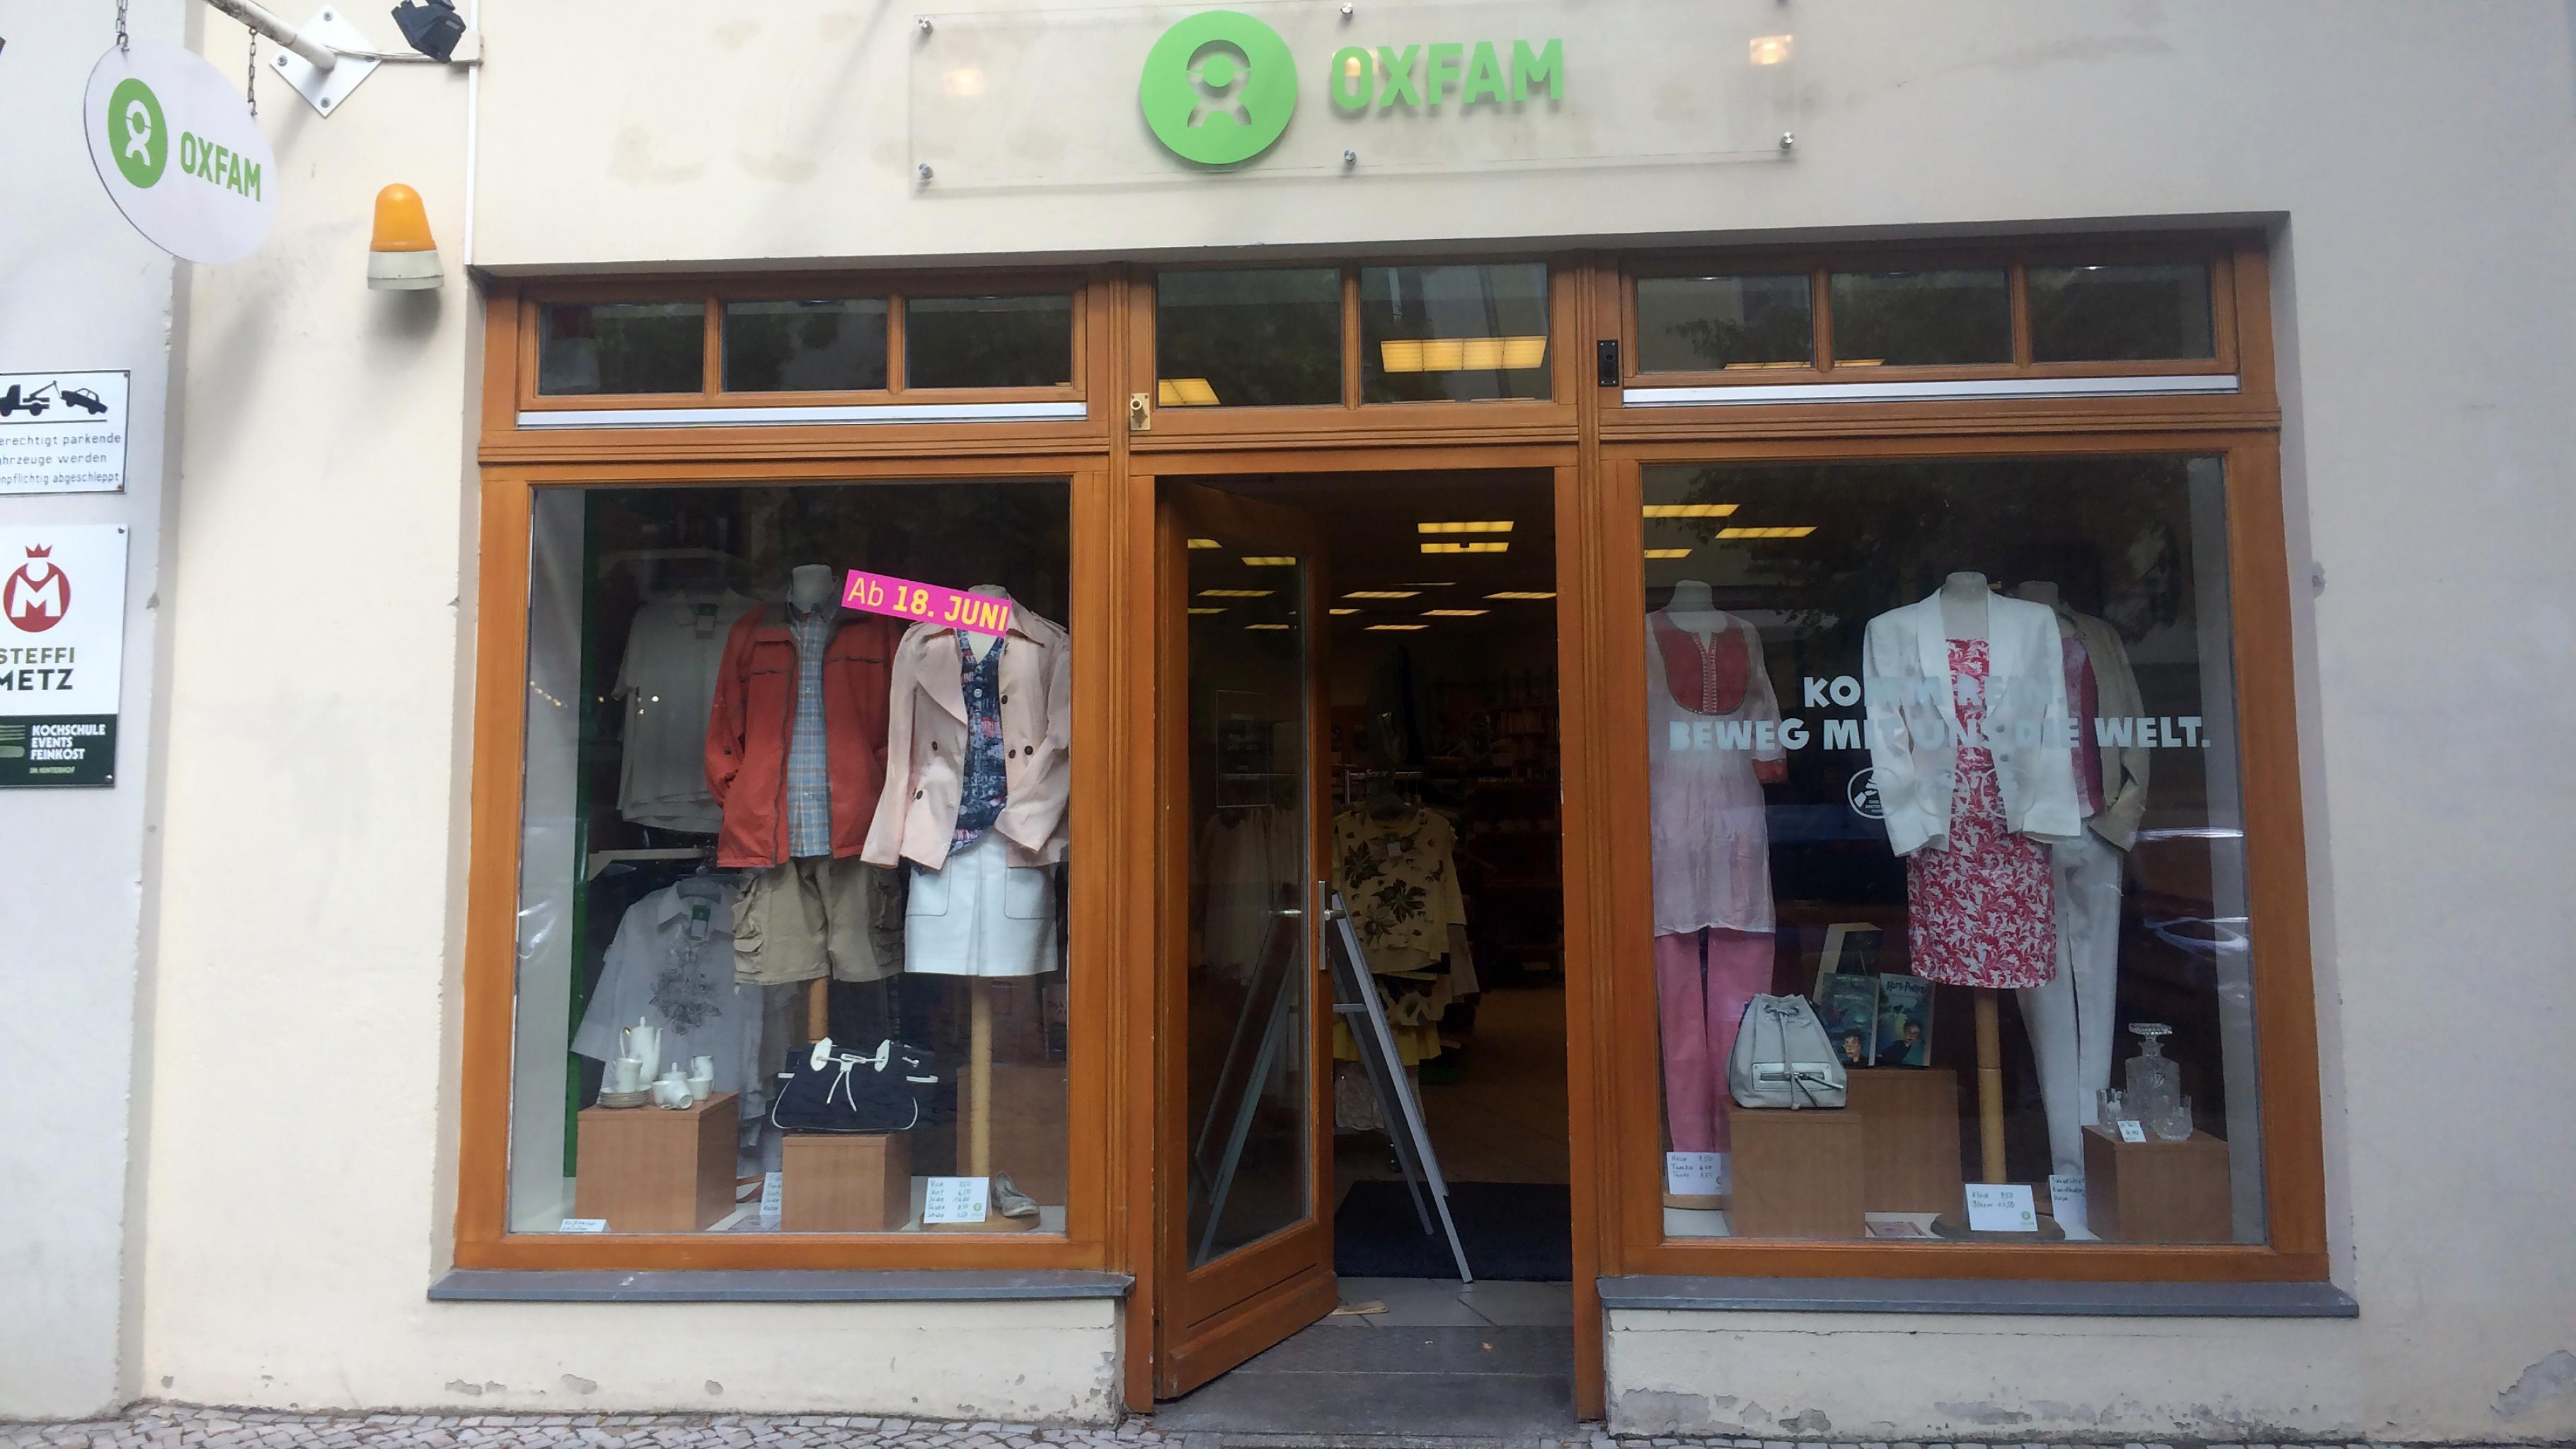 Vorübergehend finden Sie den Oxfam Shop Potsdam in der Dortusstraße.